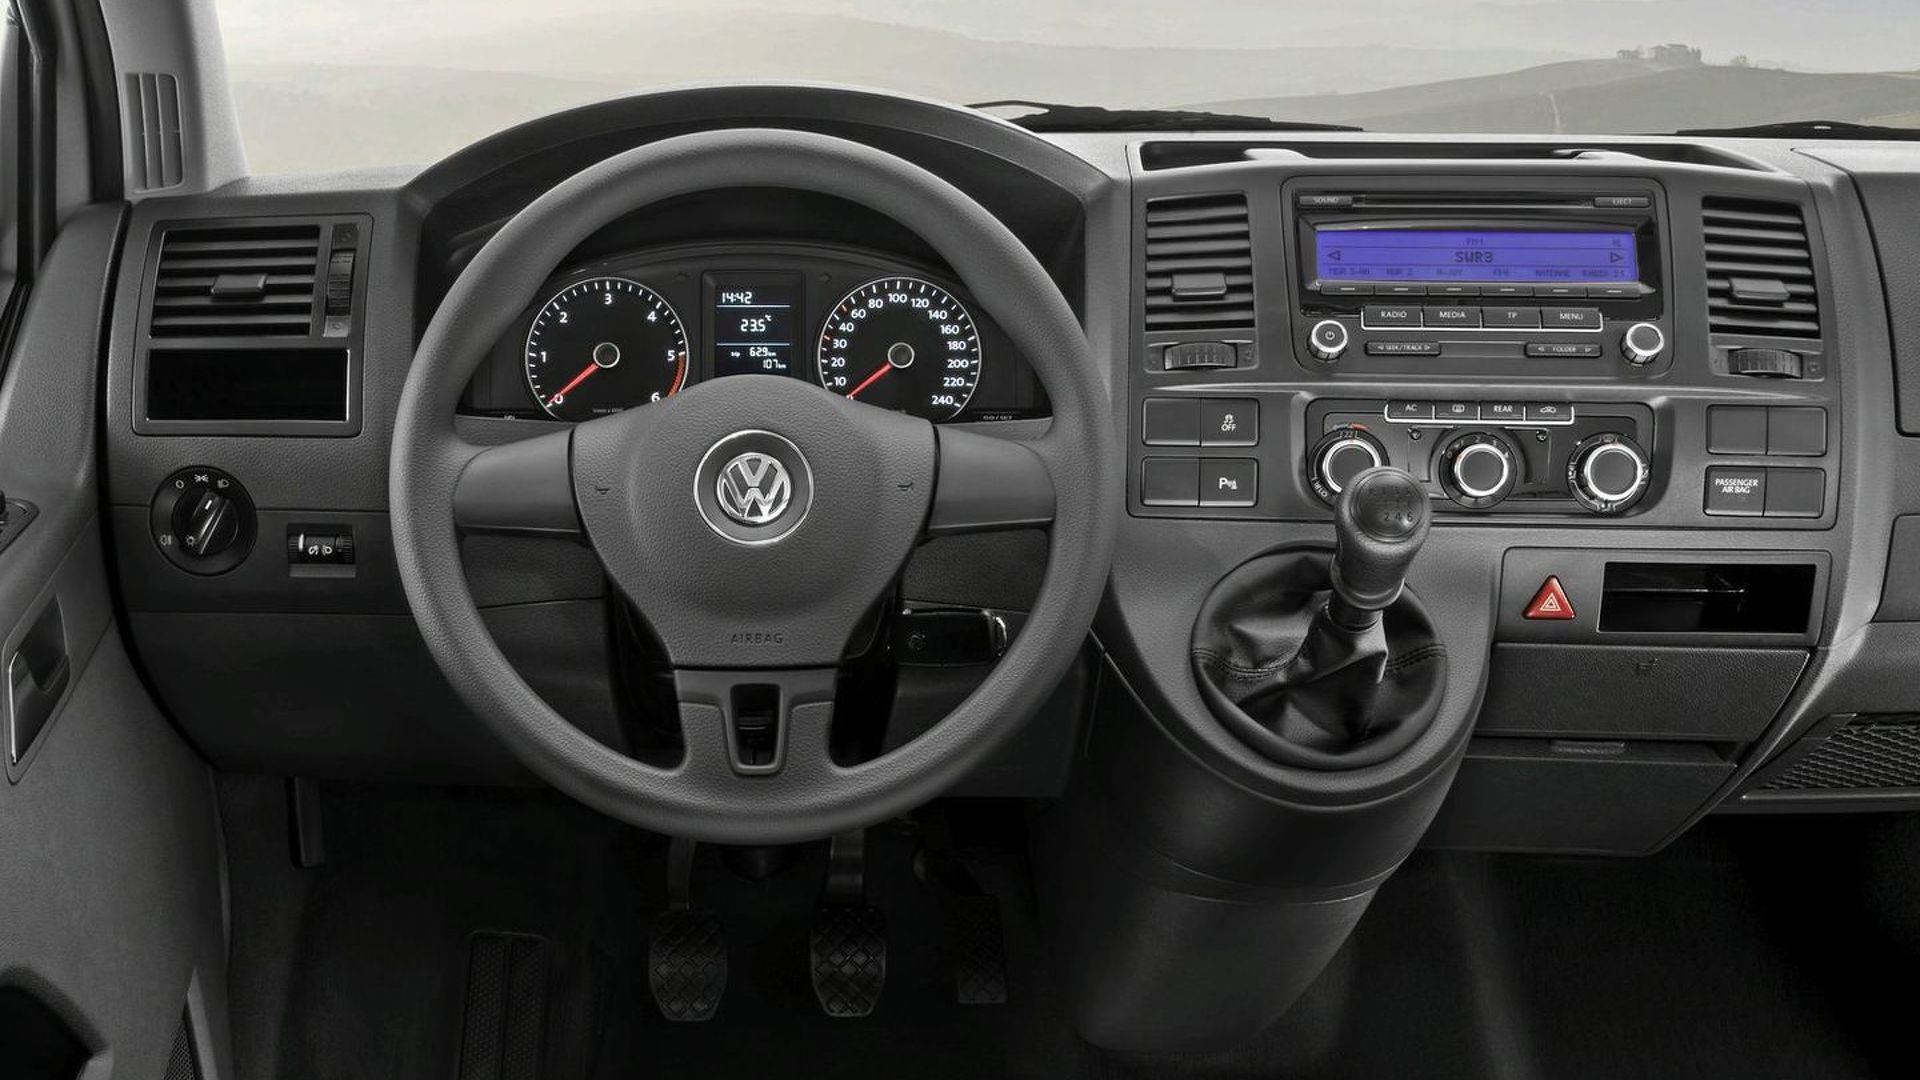 New 2010 Volkswagen T5 Van facelift revealed